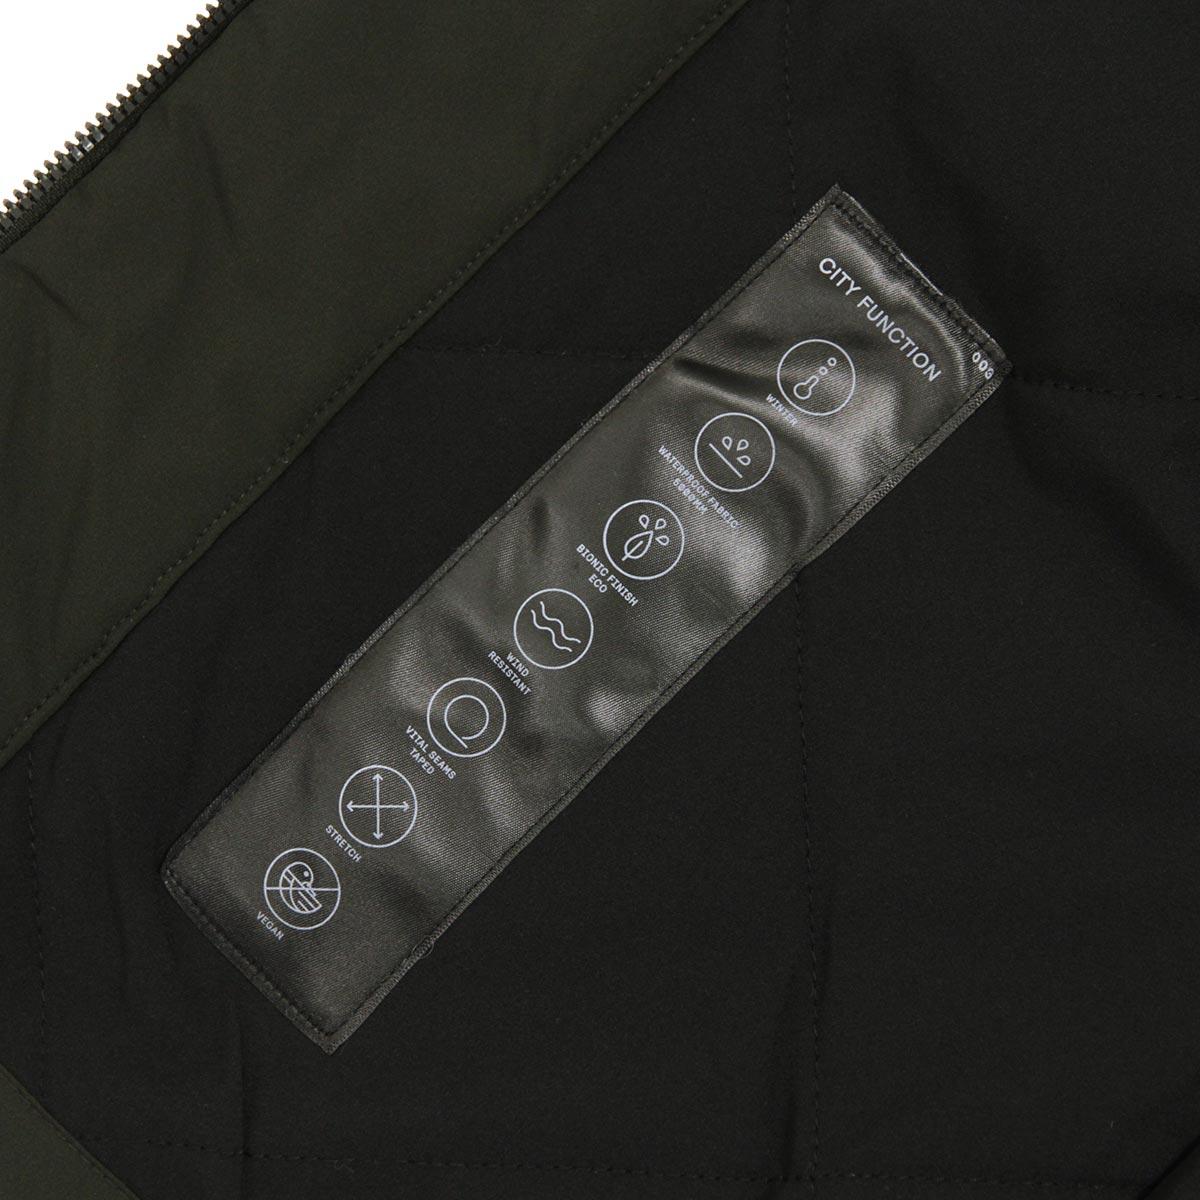 エルバイン アウター メンズ 正規販売店 elvine ジャケット ナイロンジャケット COLE NYLON JACKET 193004 355 GREEN KHAKI A91B B1C C1D D4E E05F